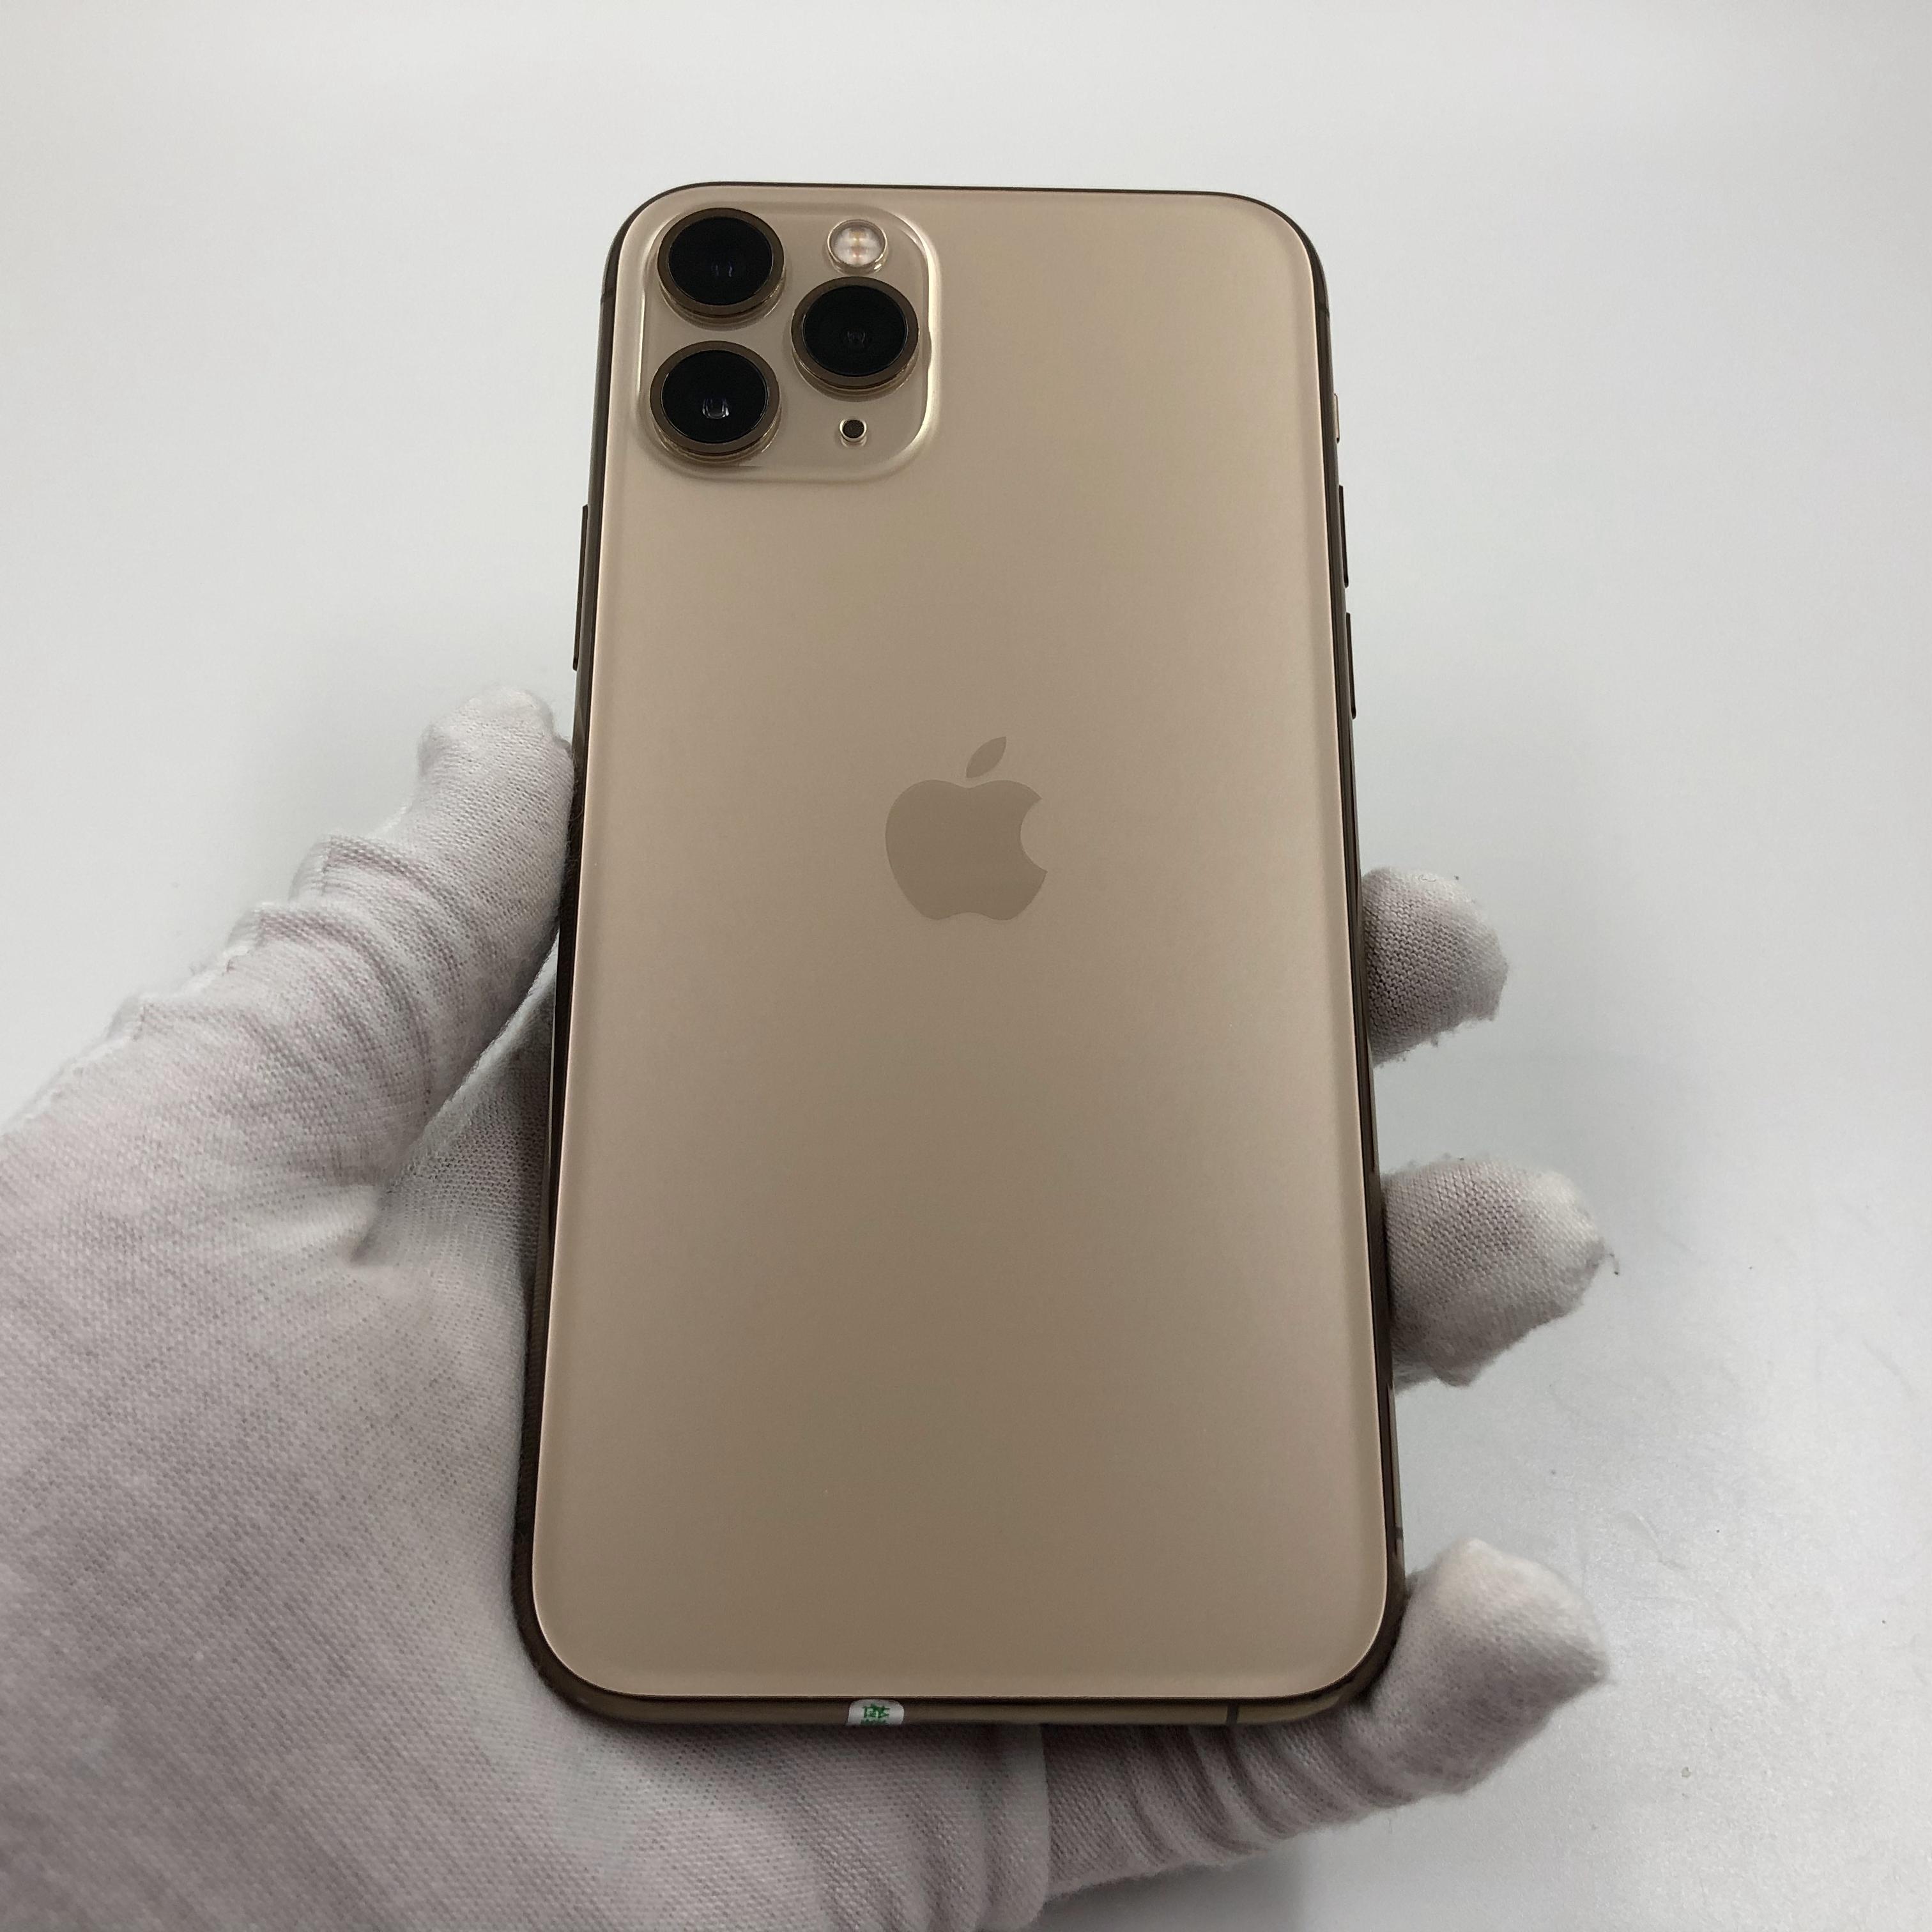 苹果【iPhone 11 Pro】4G全网通 金色 64G 国际版 8成新 真机实拍